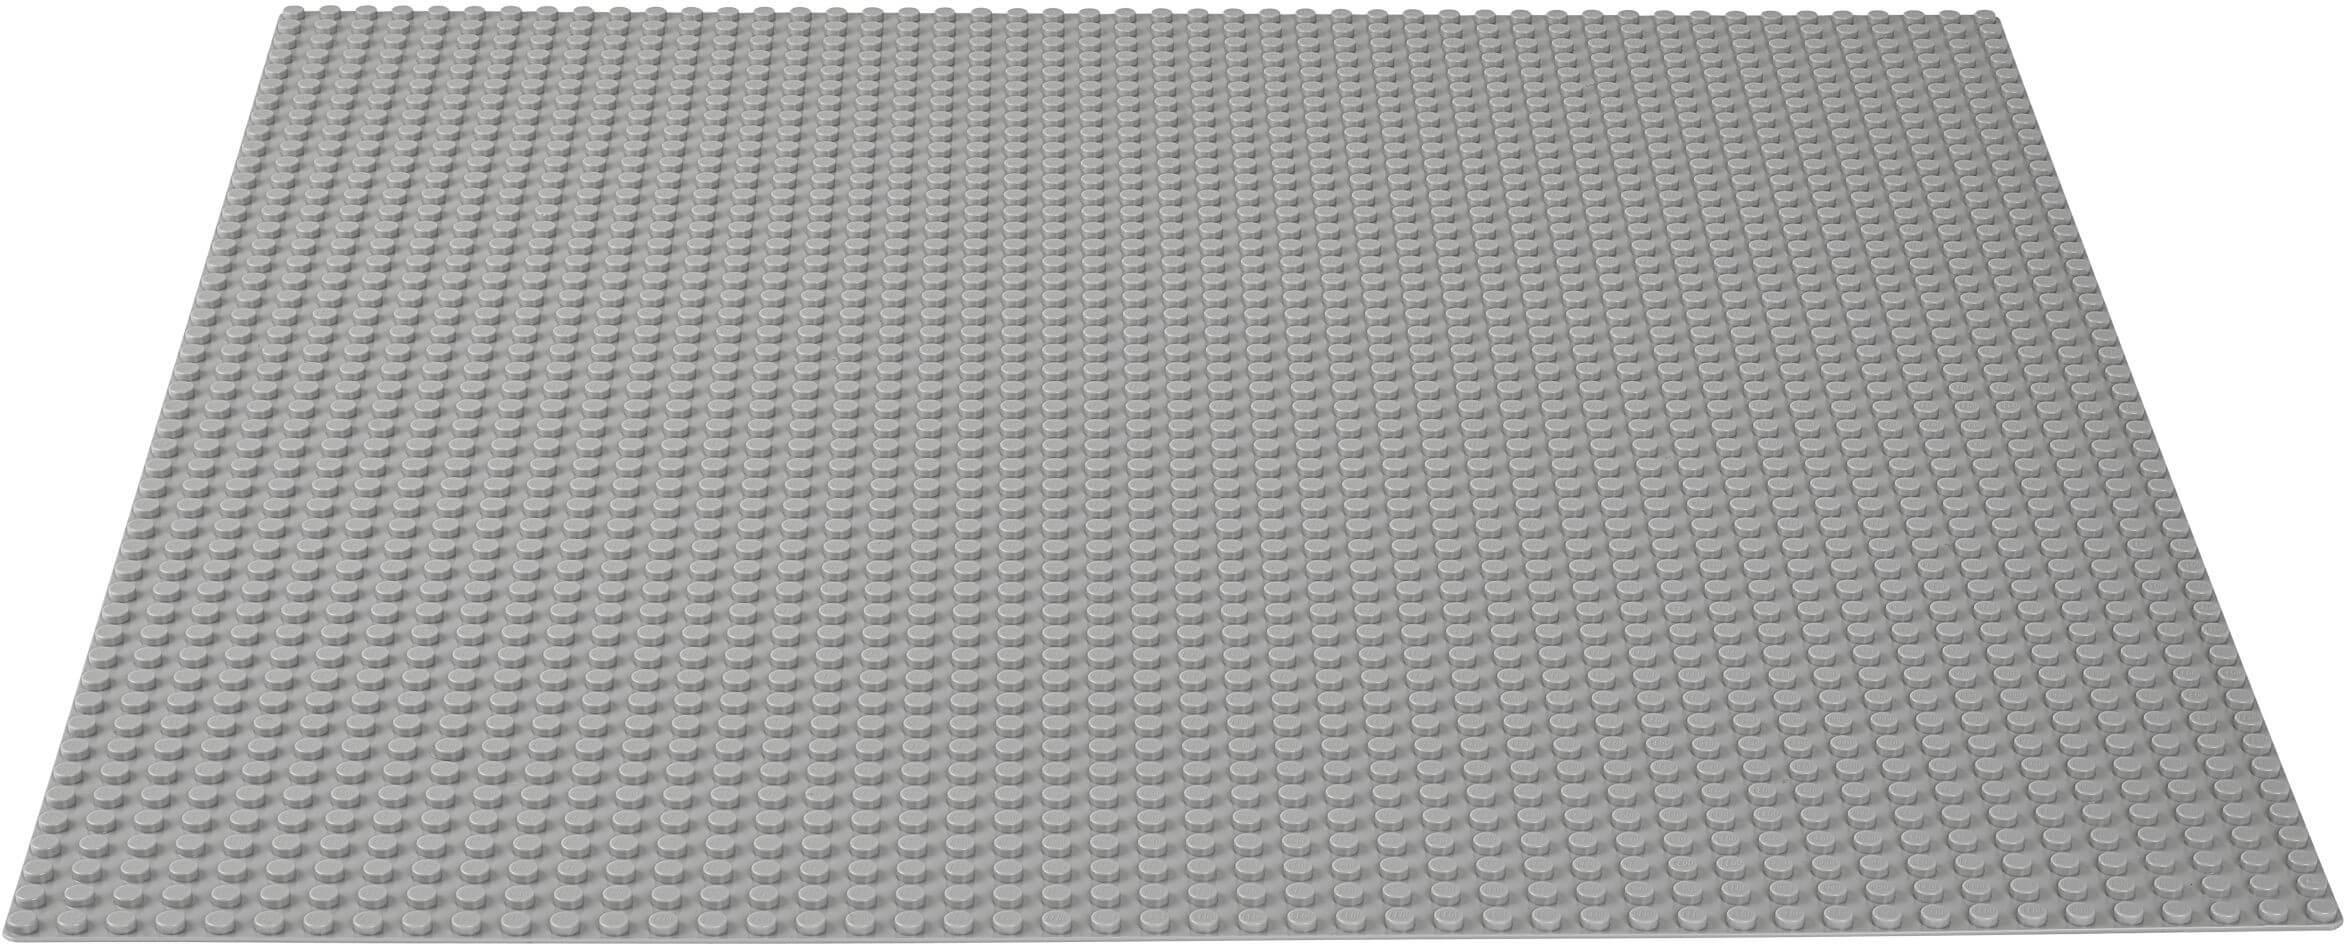 Mua đồ chơi LEGO 10701 - LEGO Classic 10701 - Tấm nền vuông lớn 48 nút màu xám (LEGO Classic Gray Baseplate 10701)